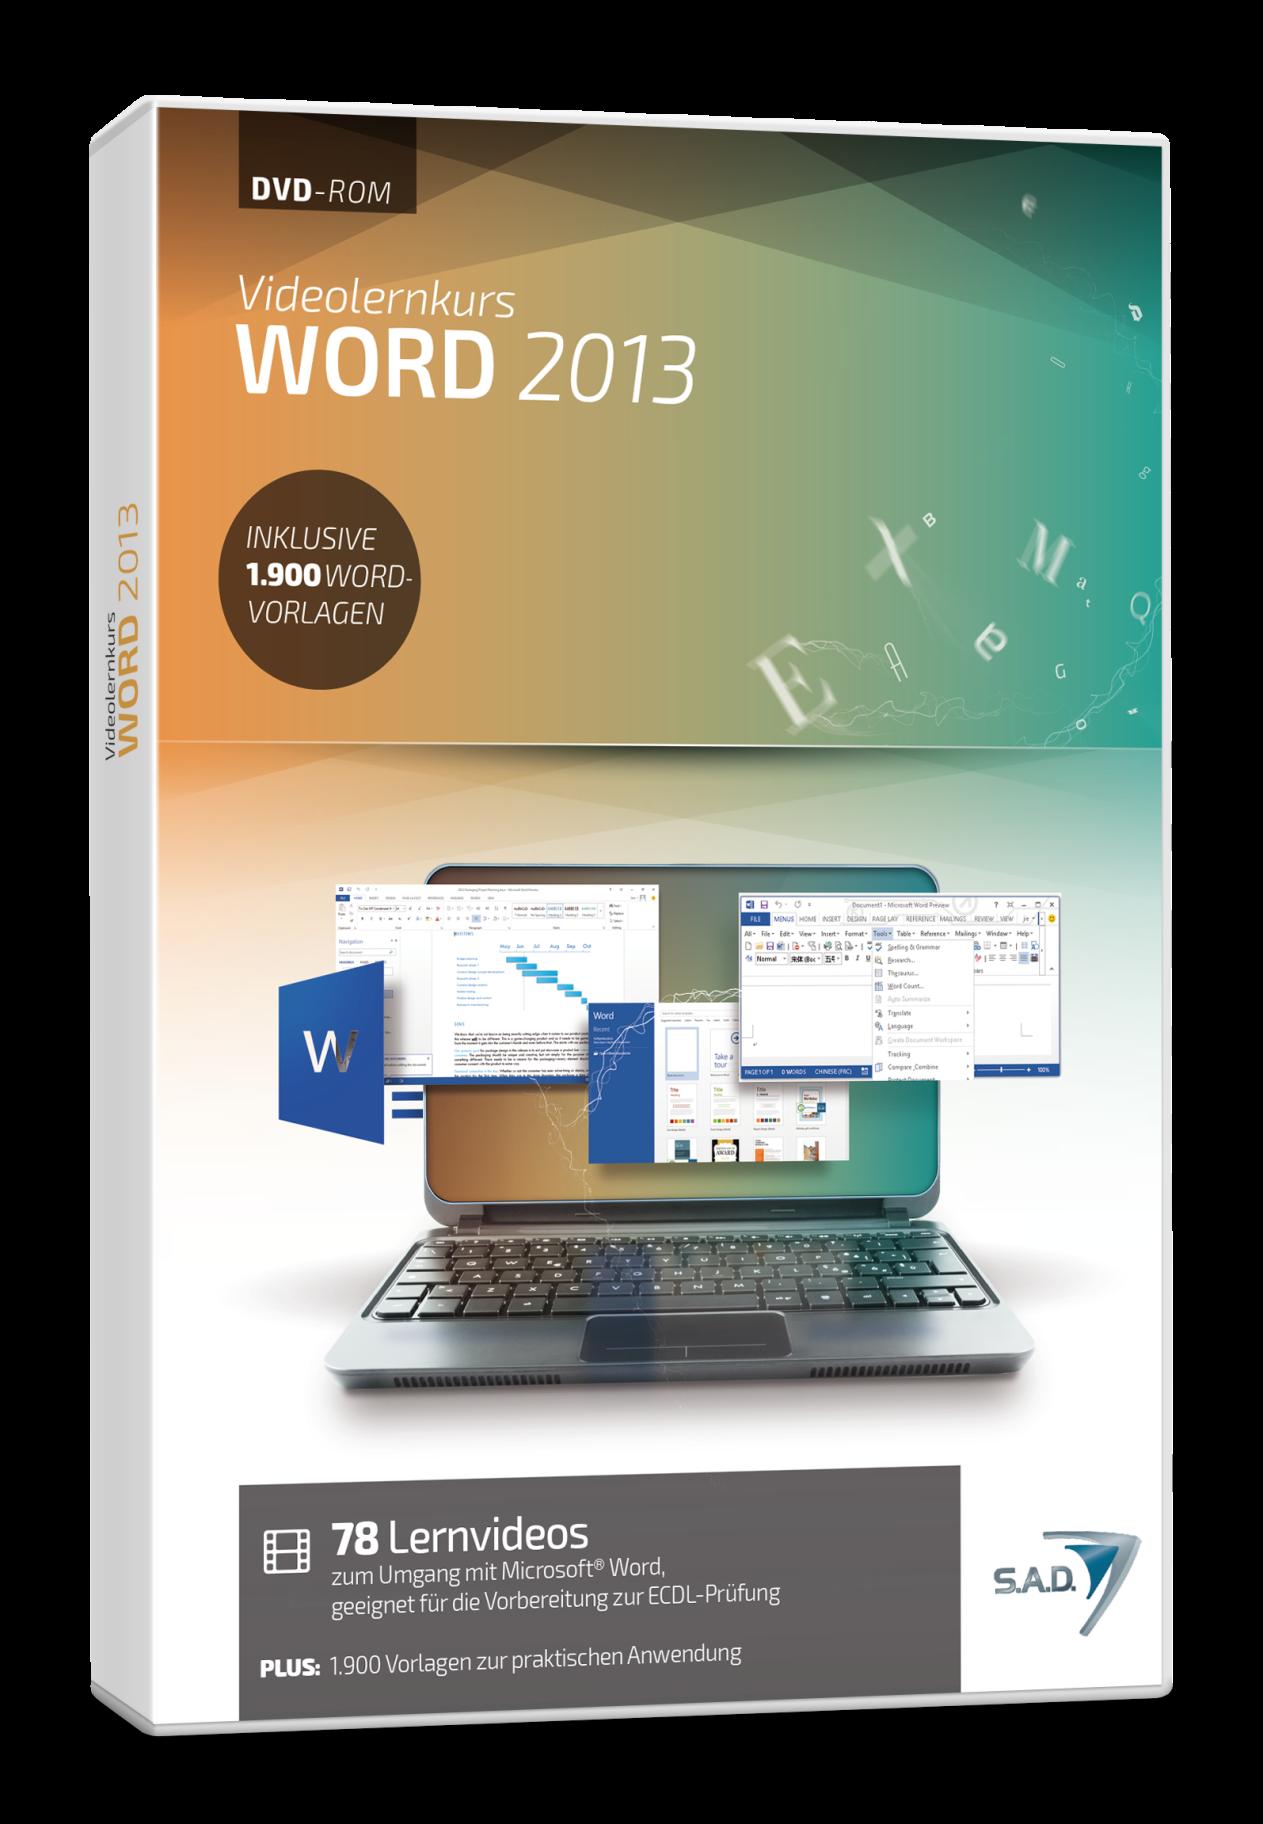 Vorlagen und Videolernkurse für Microsoft Office › S.A.D. GmbH